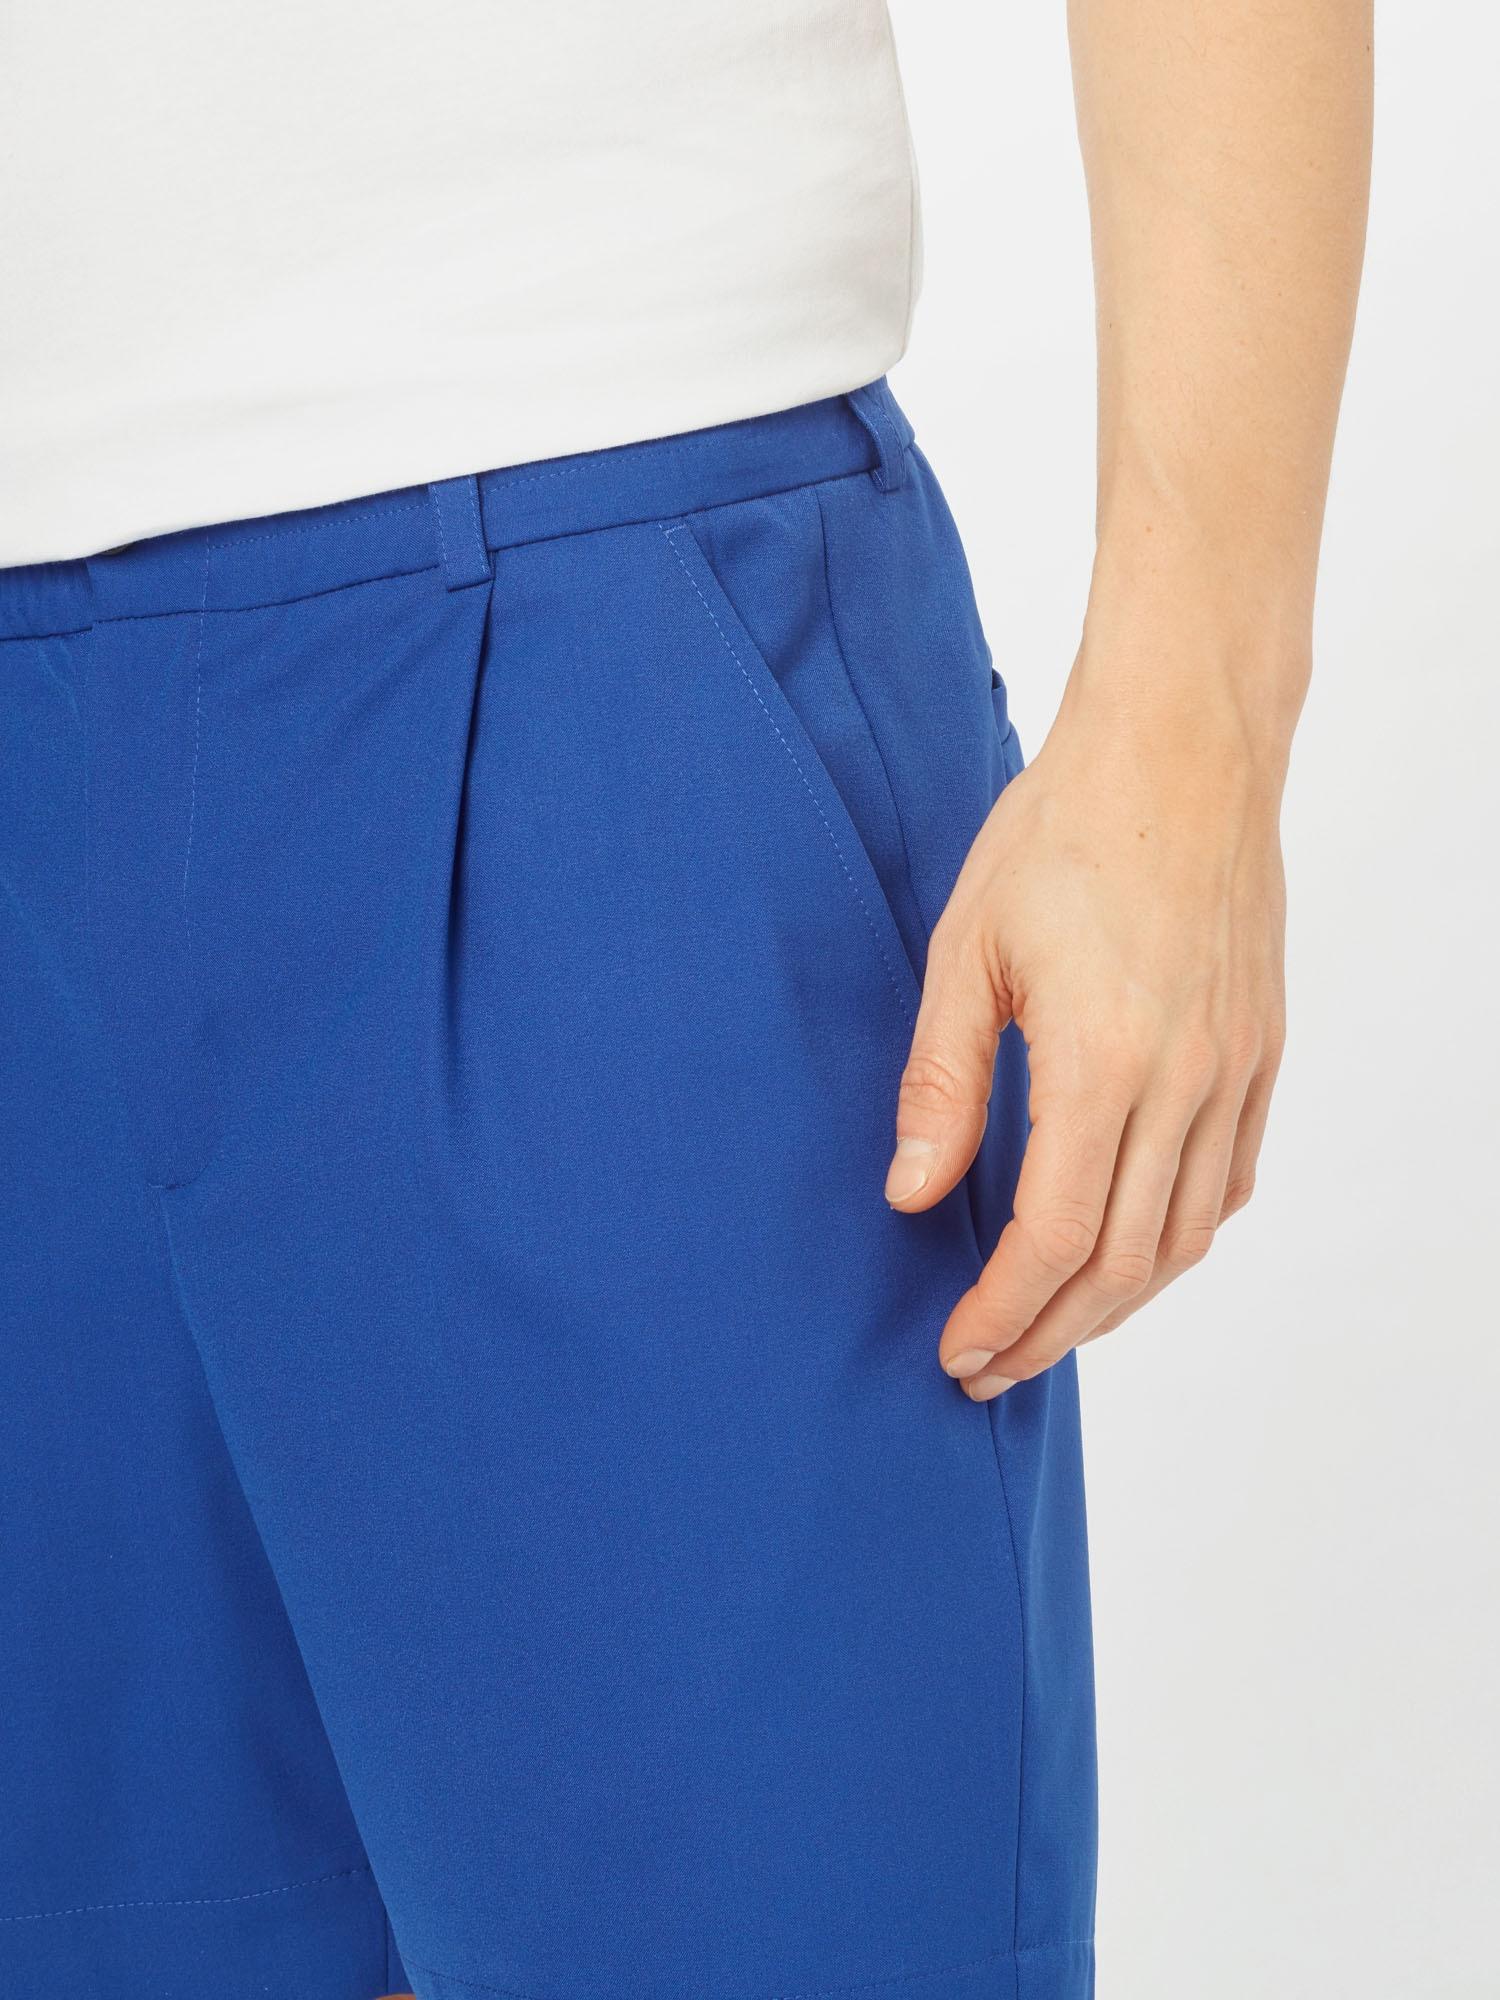 Libertine-Libertine Plisované nohavice 'Uptown'  nebesky modrá.